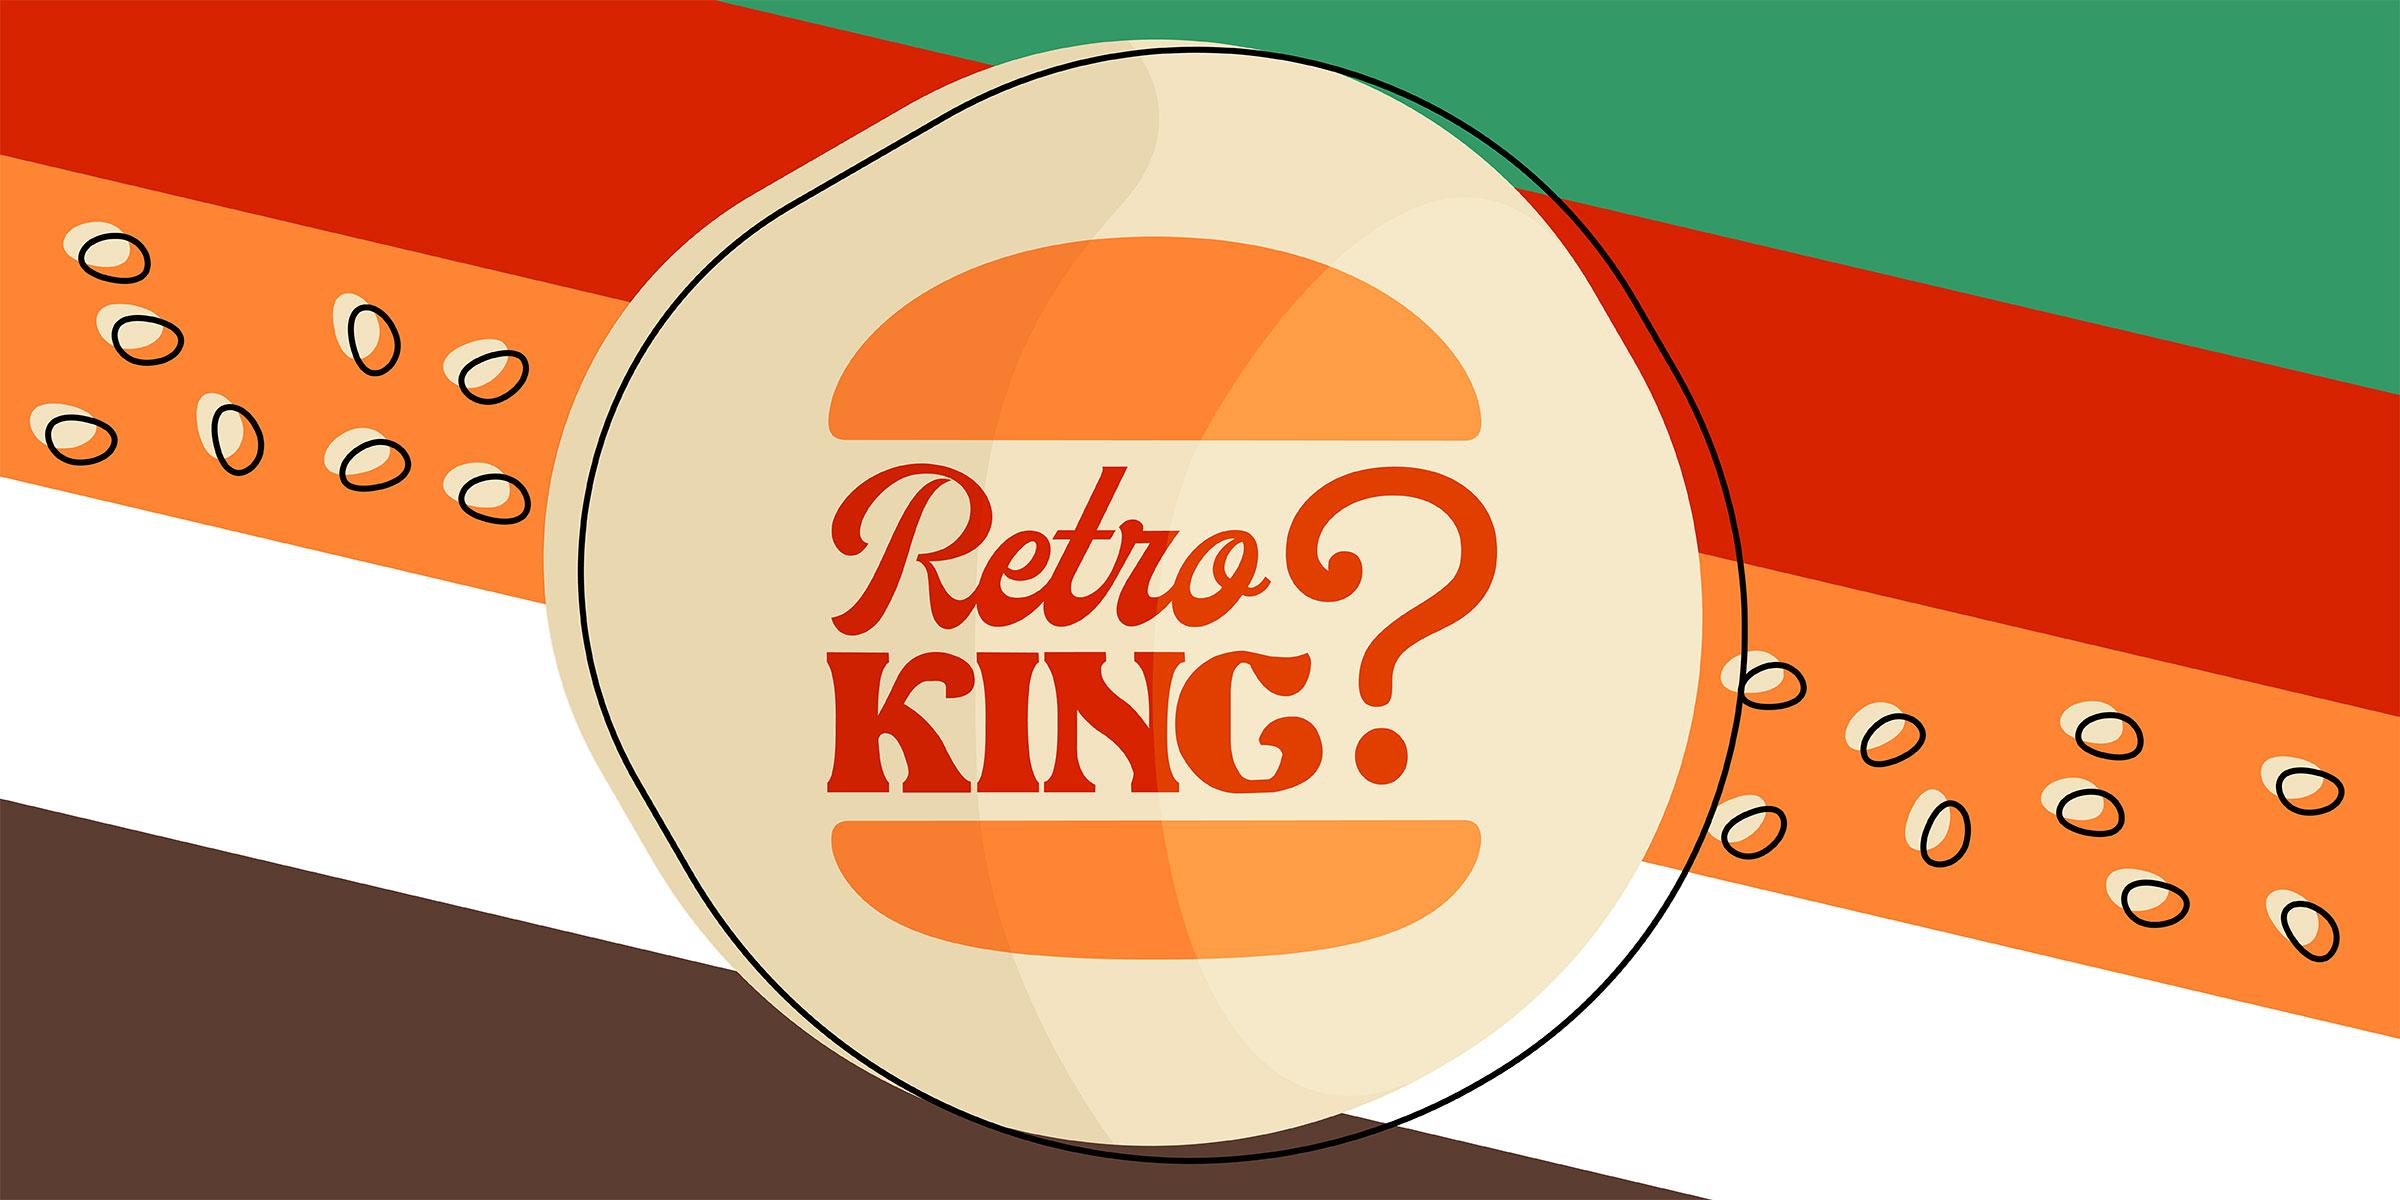 Retro King Burger King Neues Logo